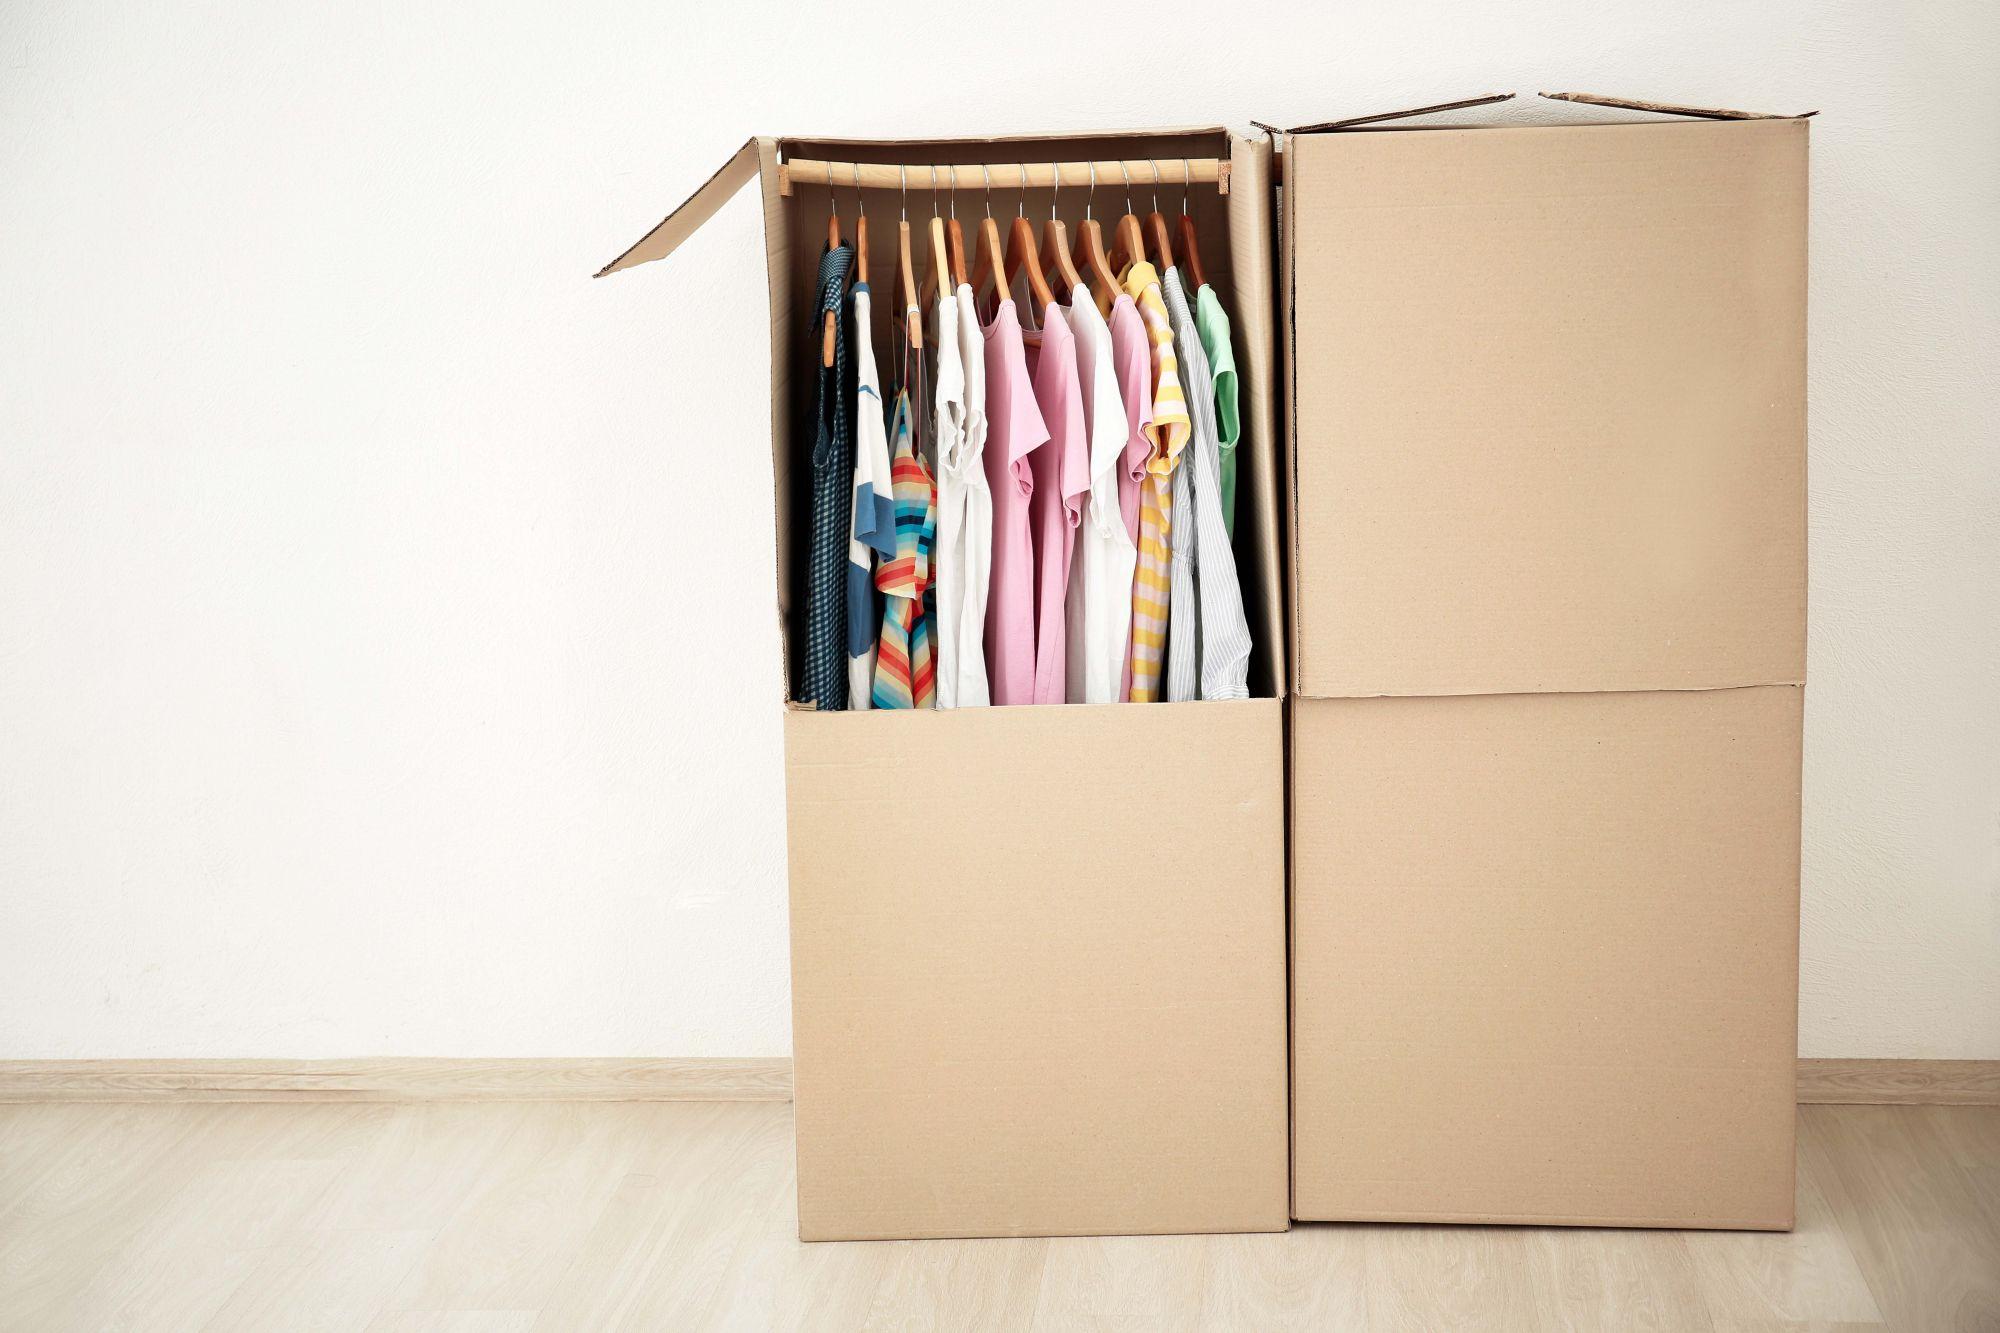 Trasloco: scegli i giusti scatoloni